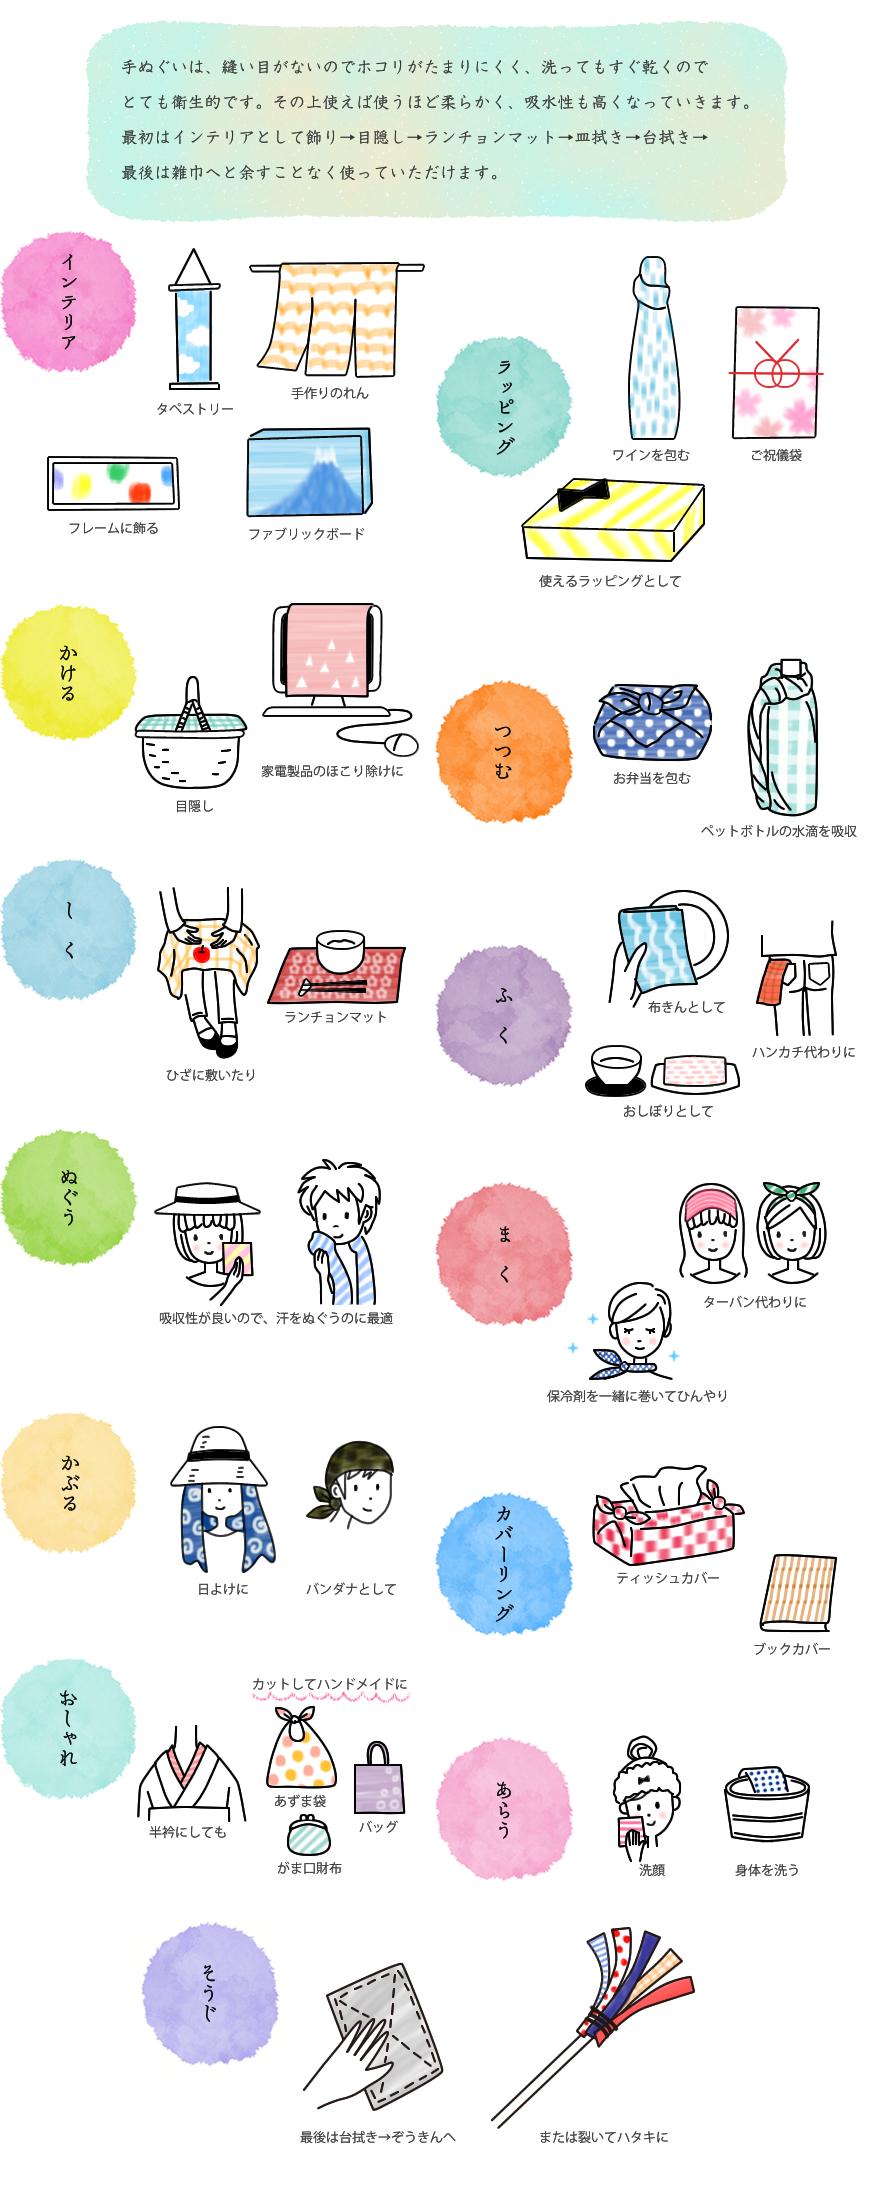 手拭いの使い方は、最初はインテリアとして飾り、ランチョンマット、皿拭き、台拭き、最後は雑巾と余すことなくご使用できます。